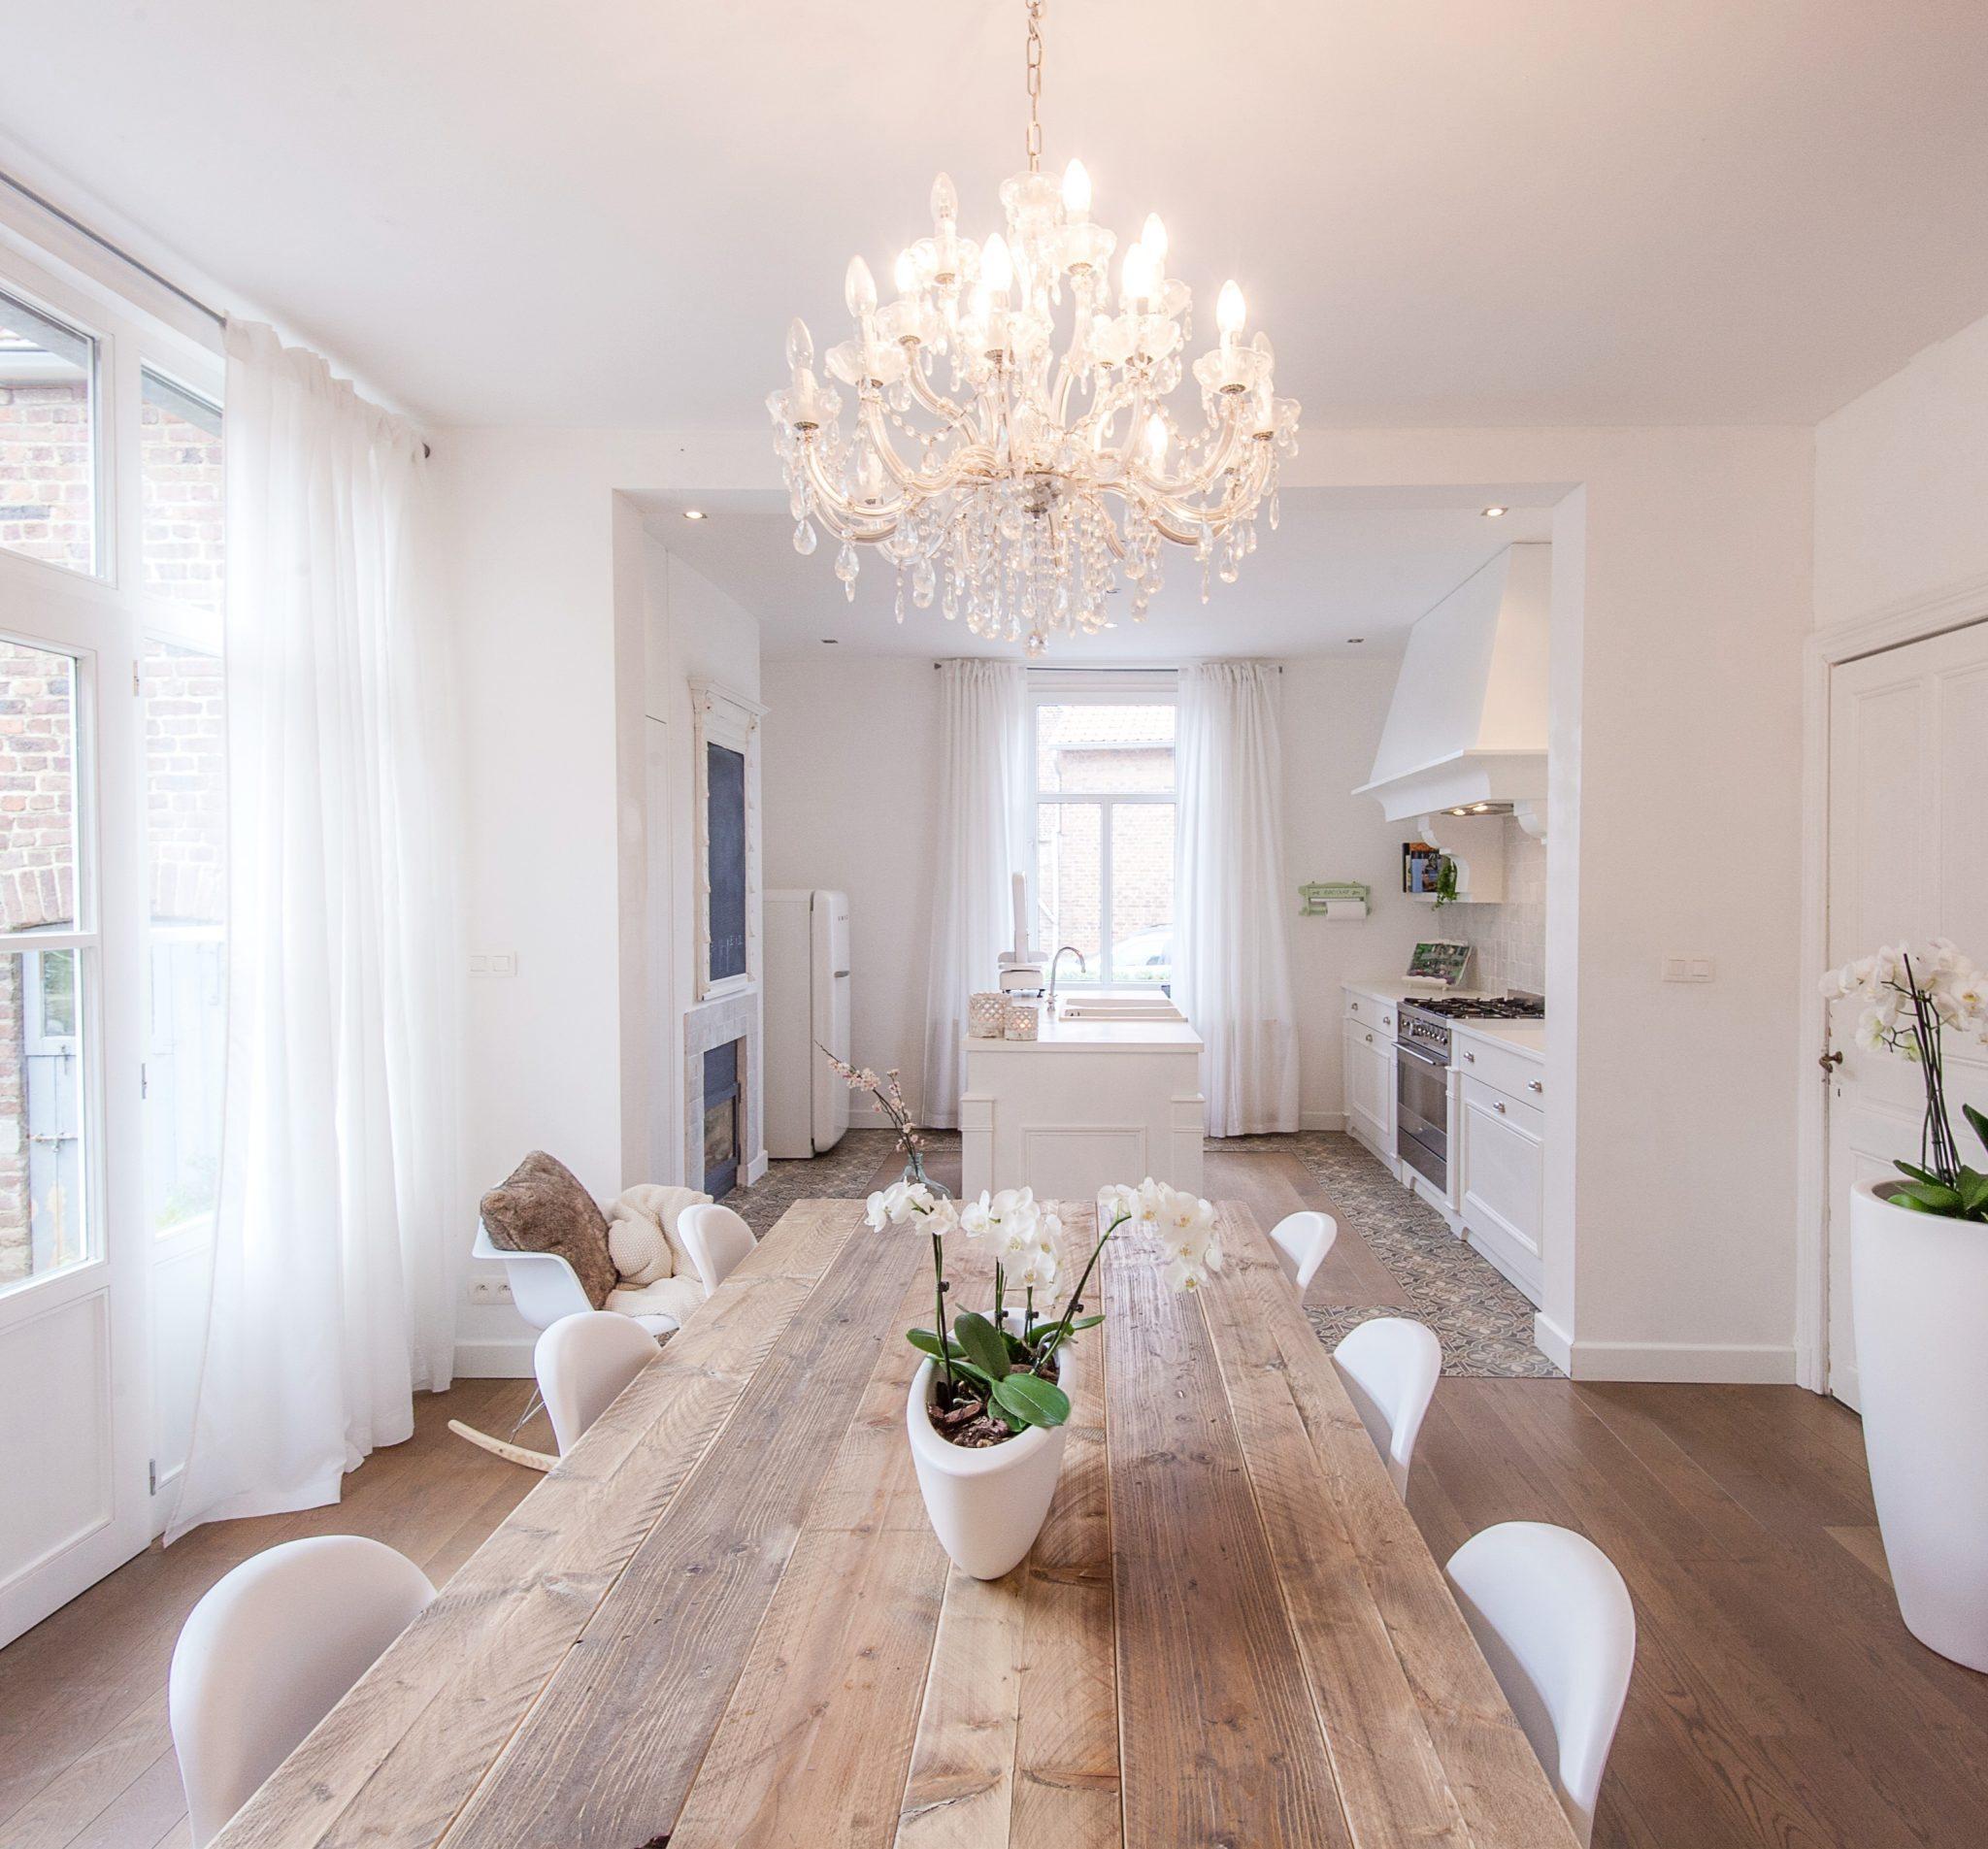 Totale Renovatie Van Leefkeuken & Interieurstyling